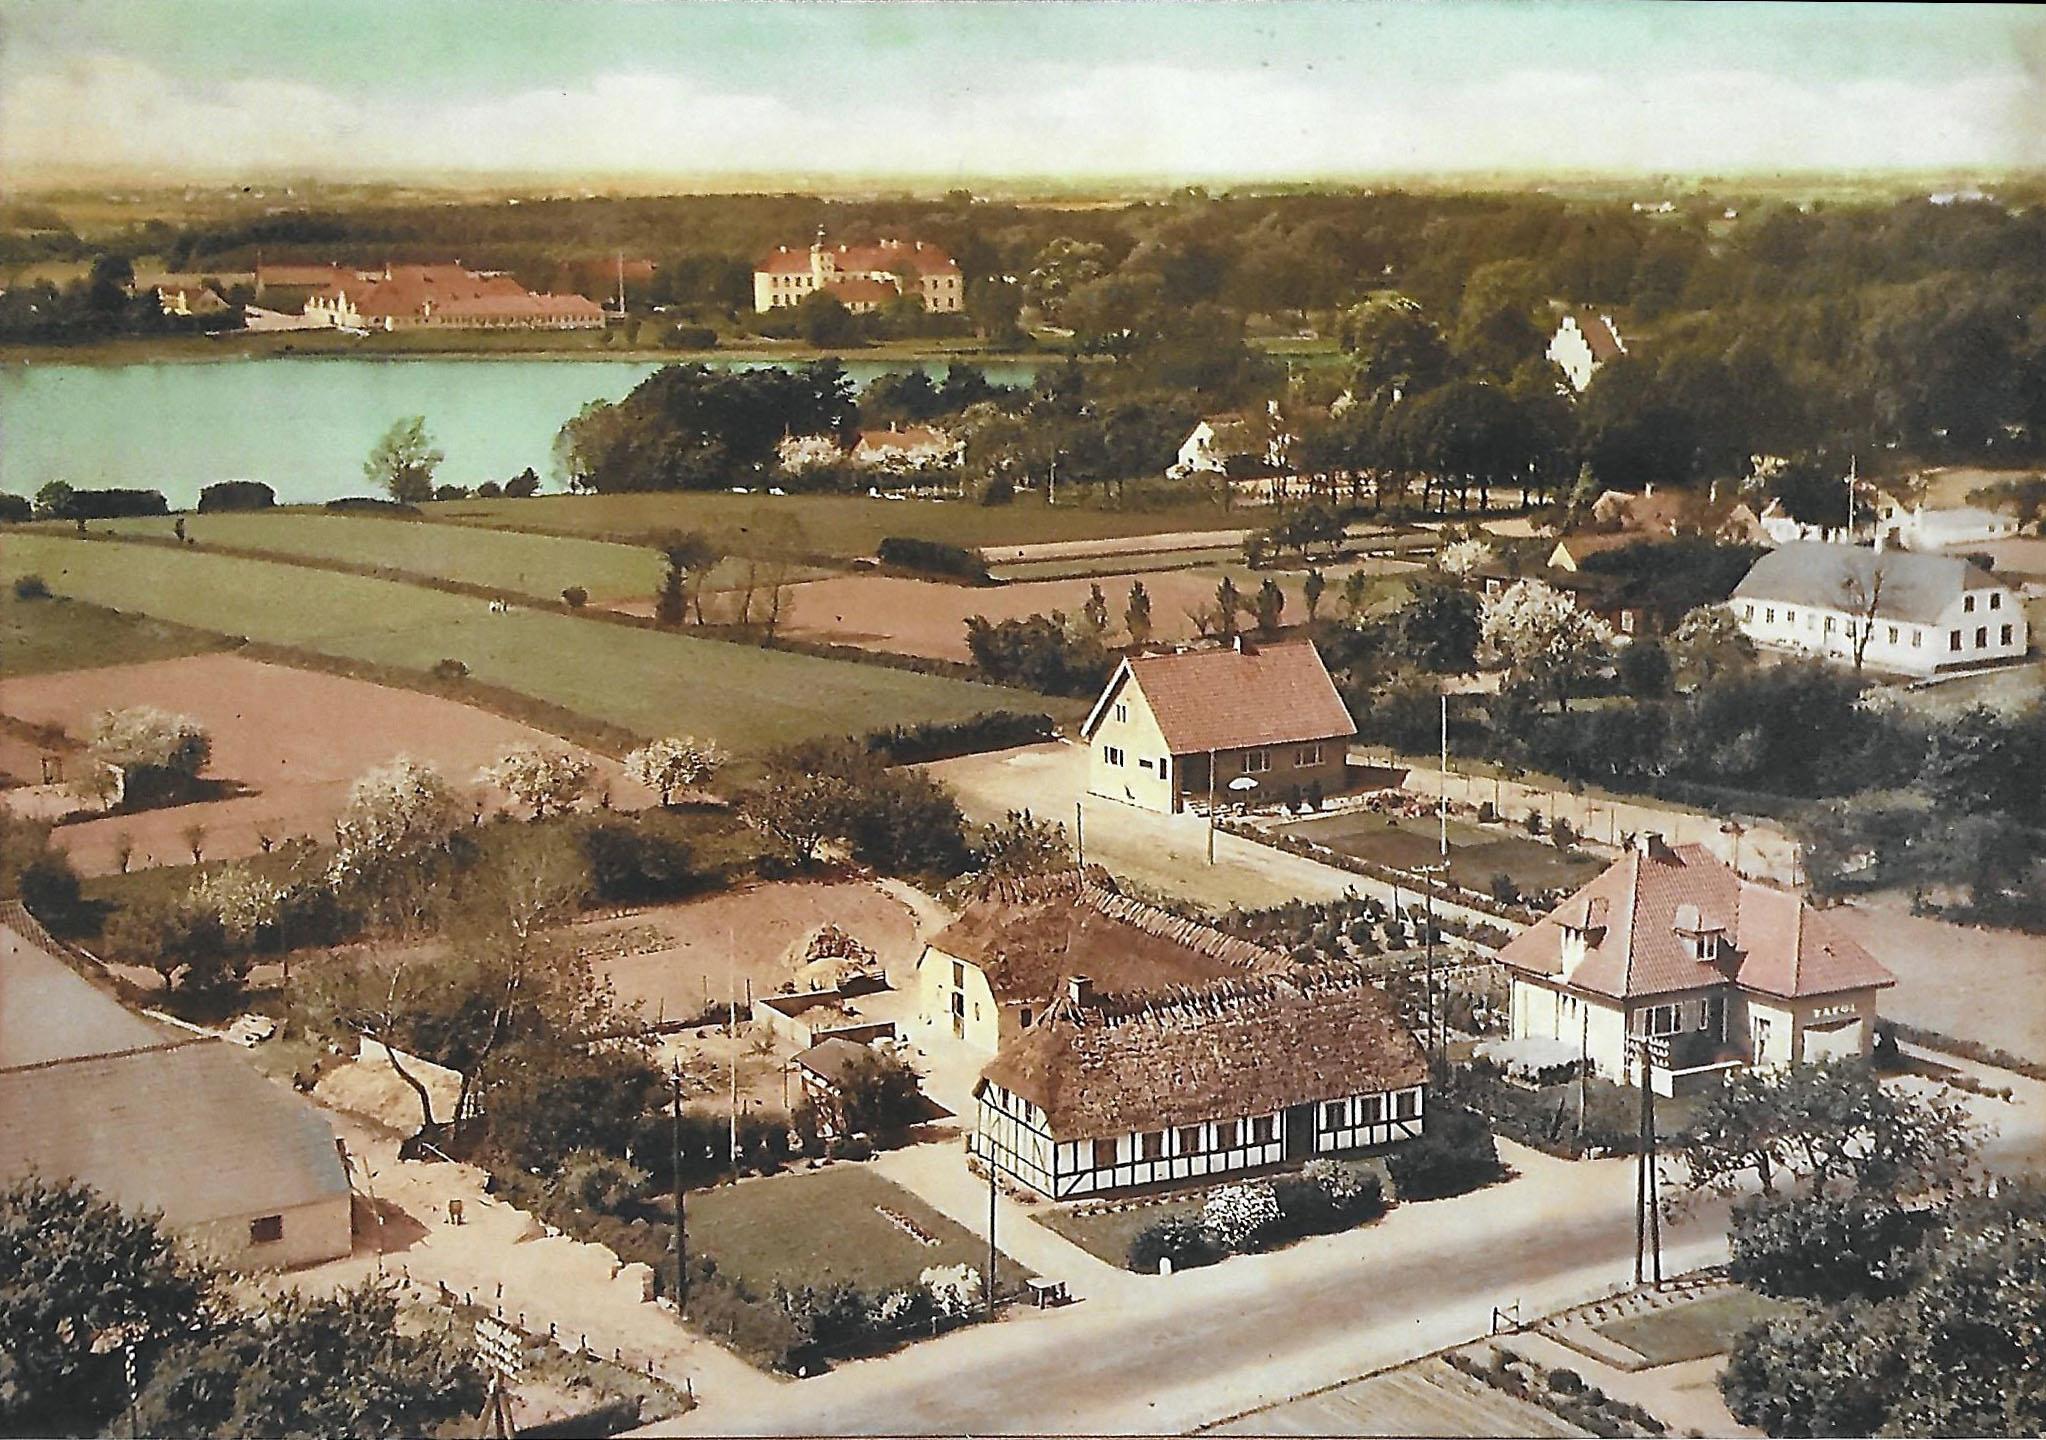 Odensevej-26-1954-55